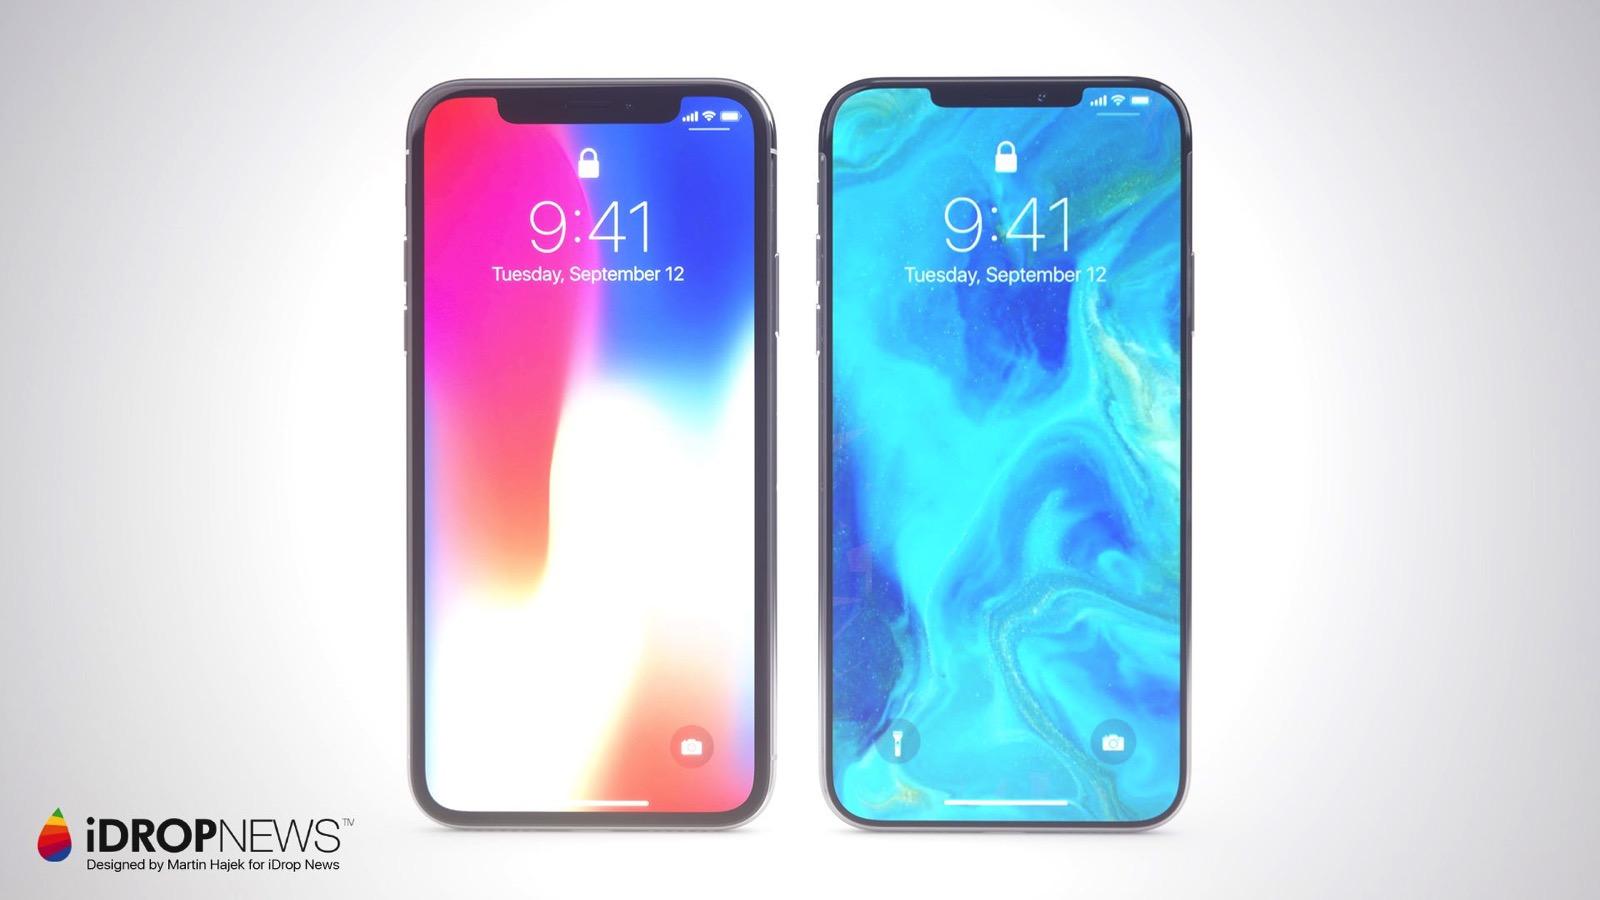 iPhone-XI-Concept-Images-iDrop-News-7.jpg